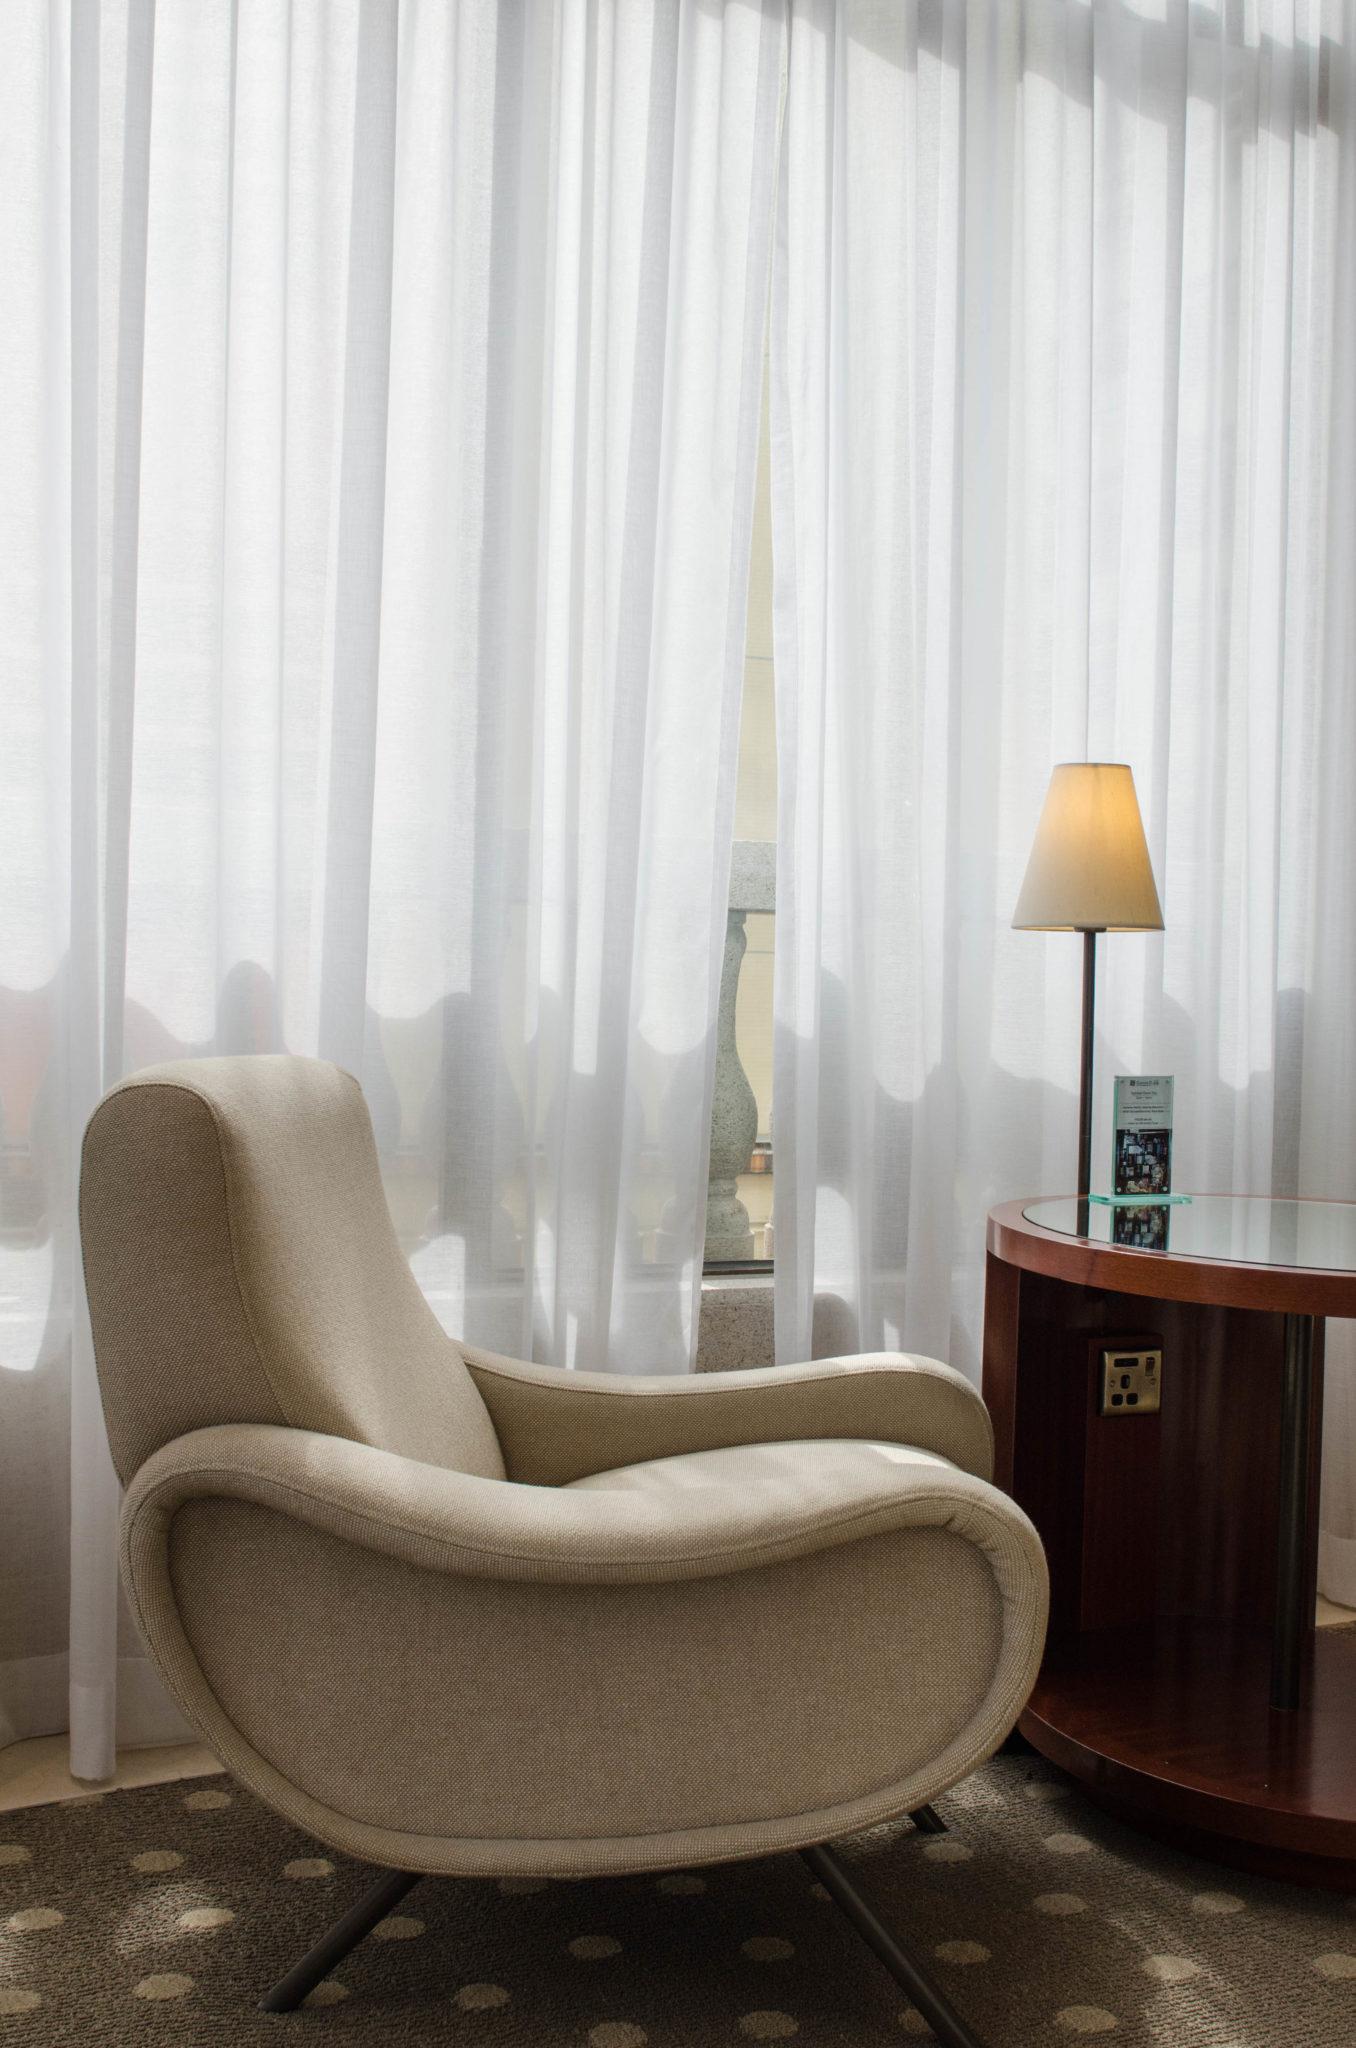 Lanson Place Hotel Hongkong: Der Lieblingsplatz